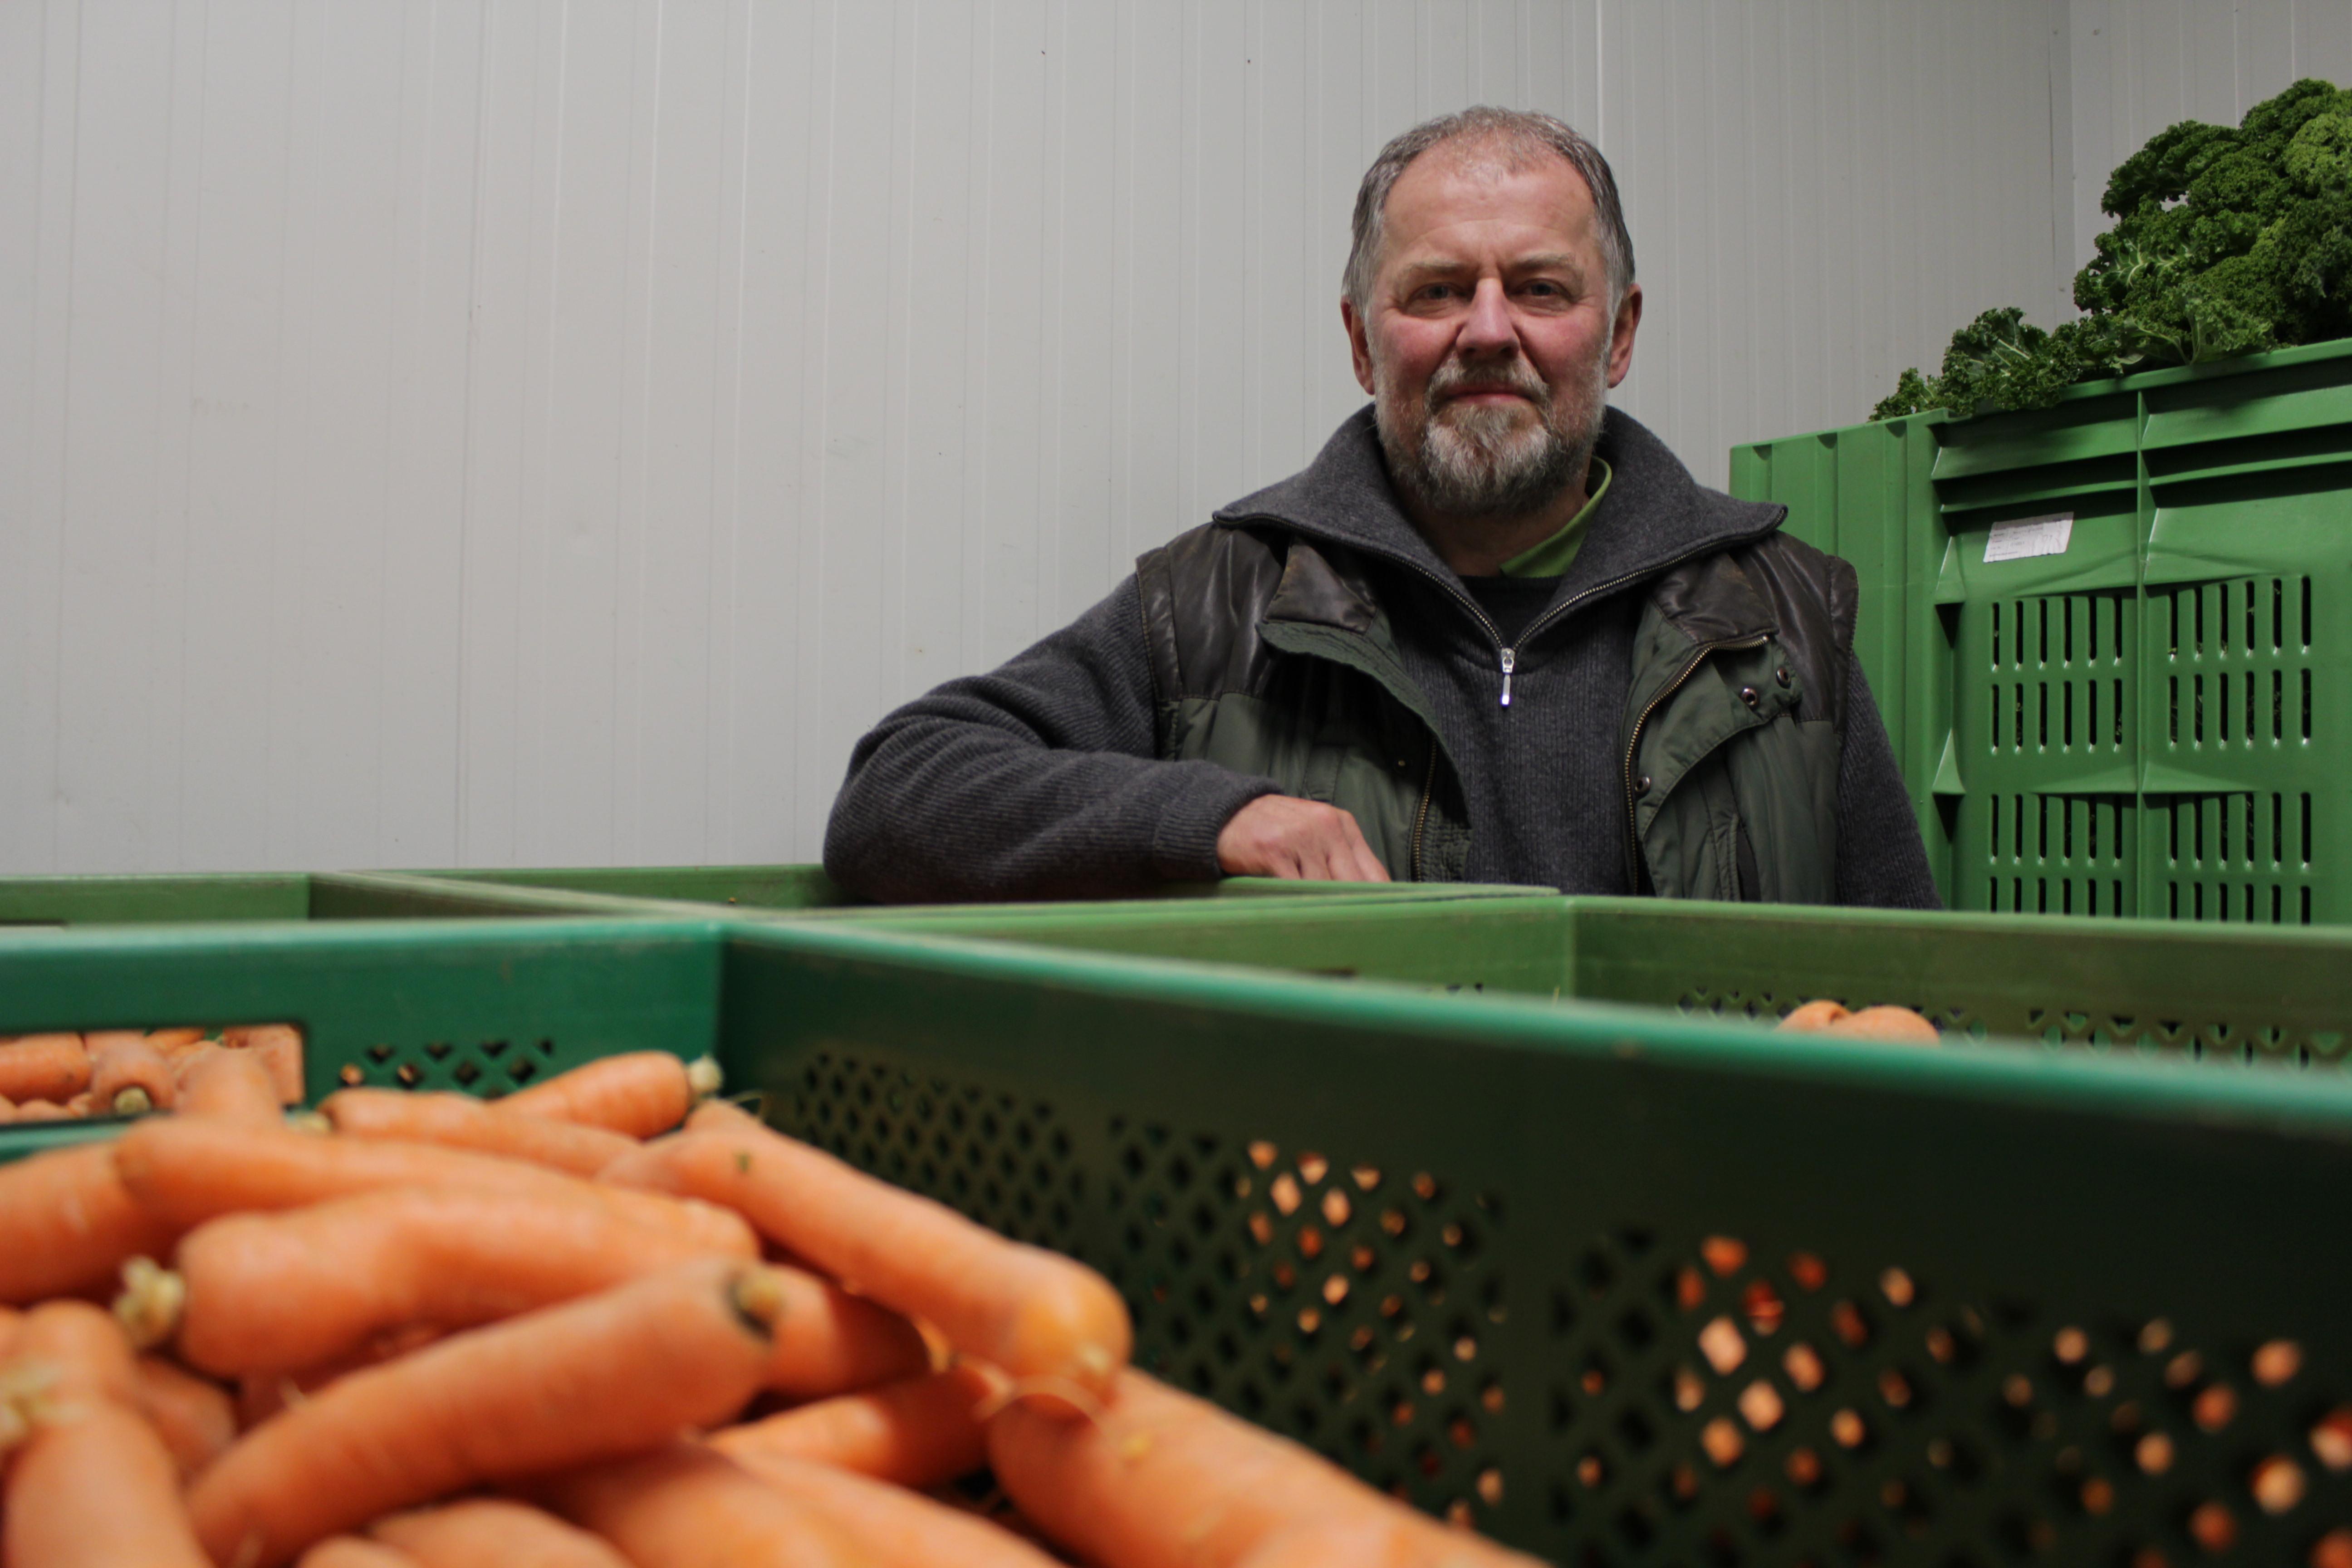 Gemüsegärtner (8)